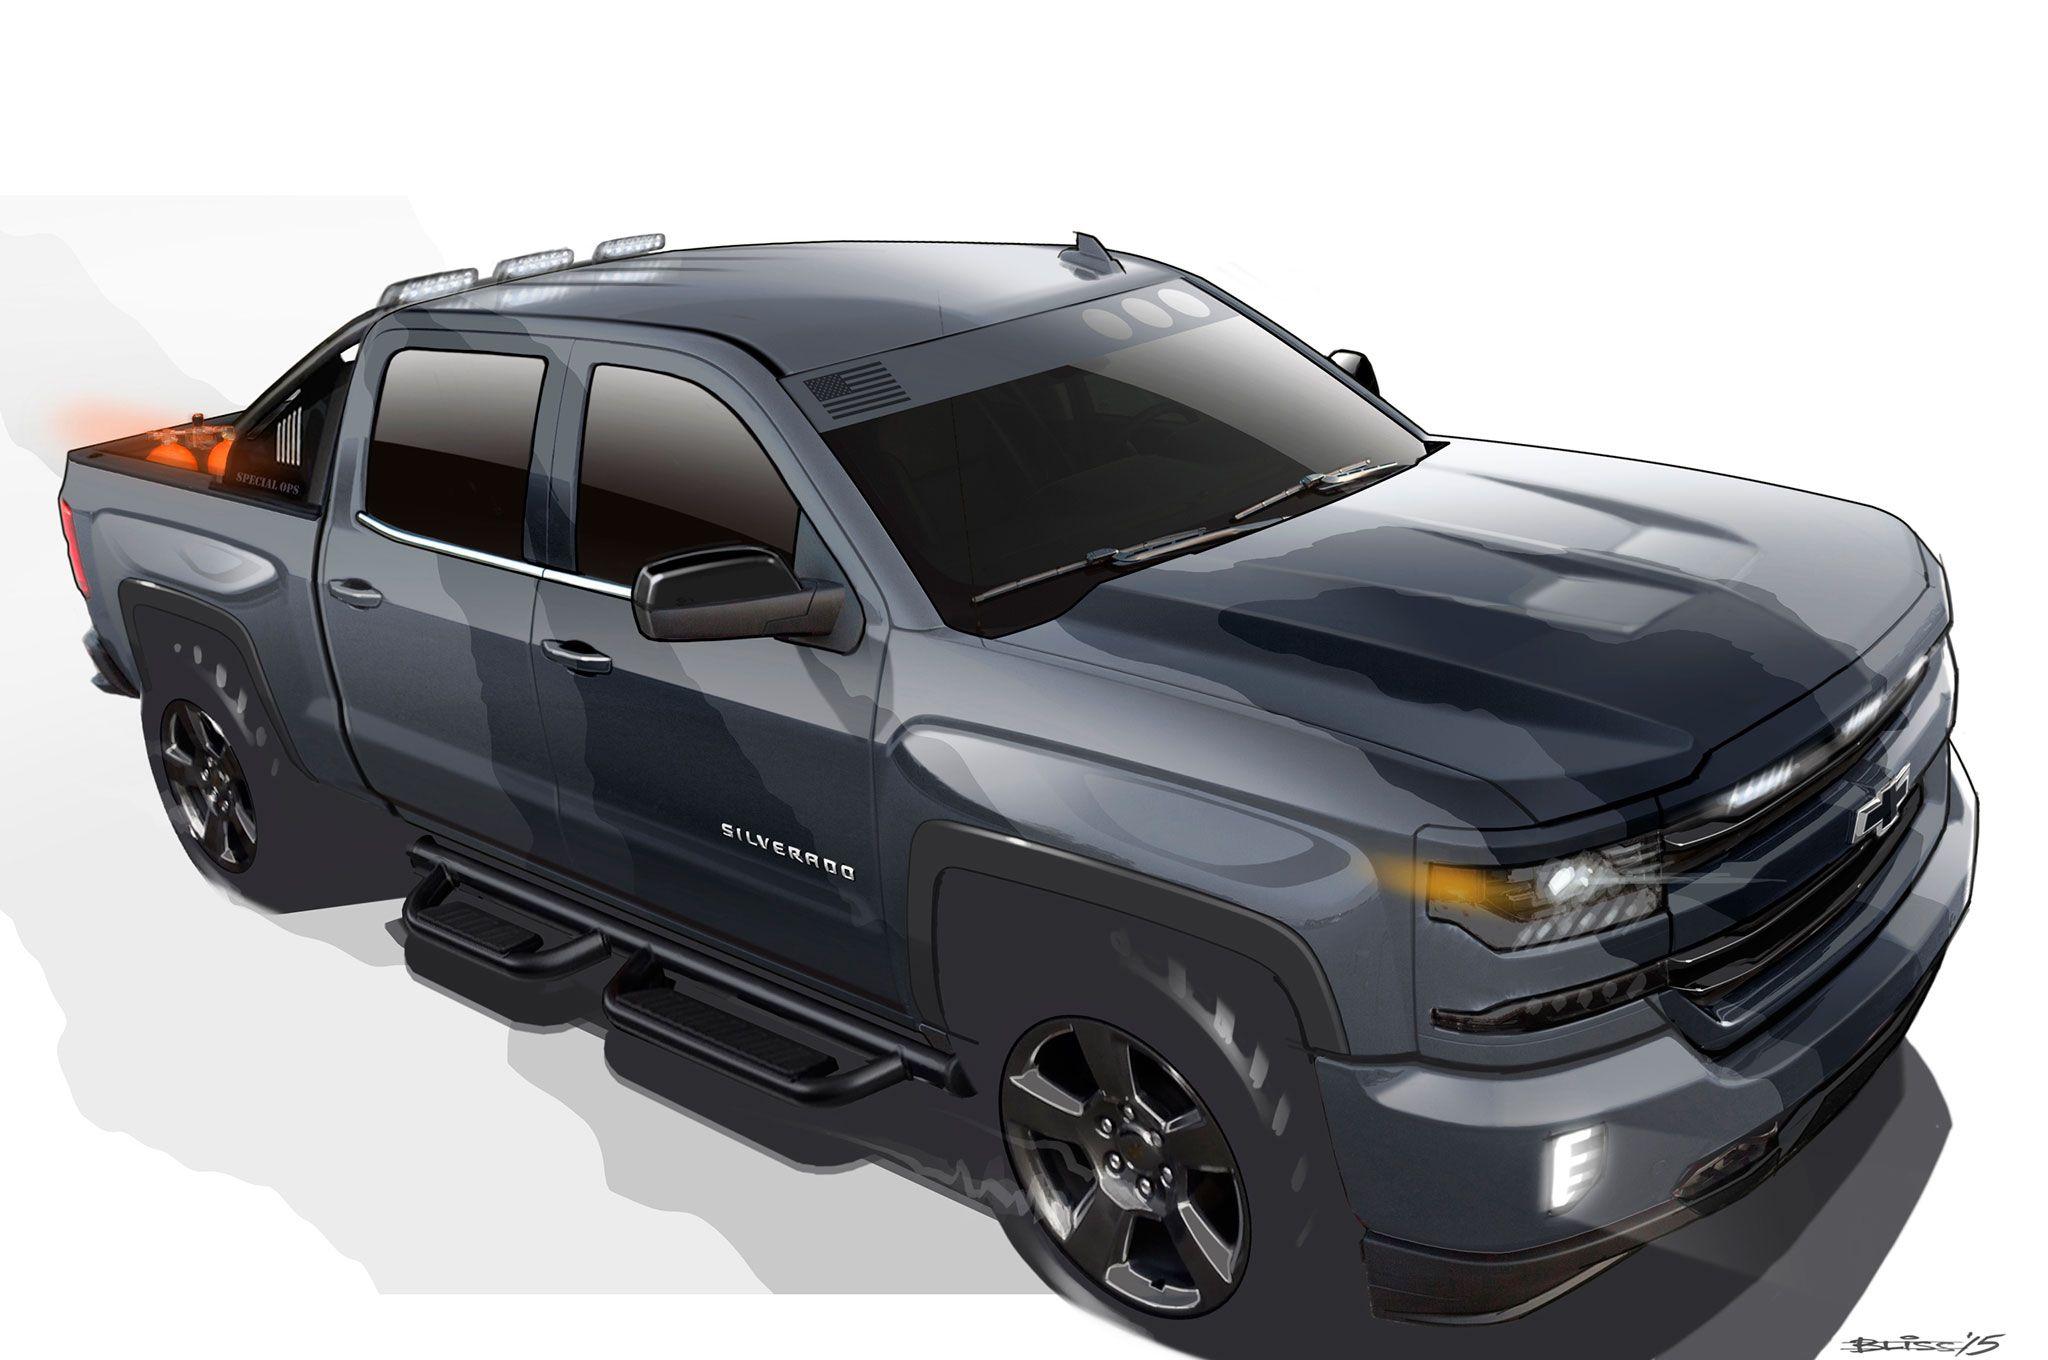 Chevrolet Silverado Special Ops Edition Entering Limited